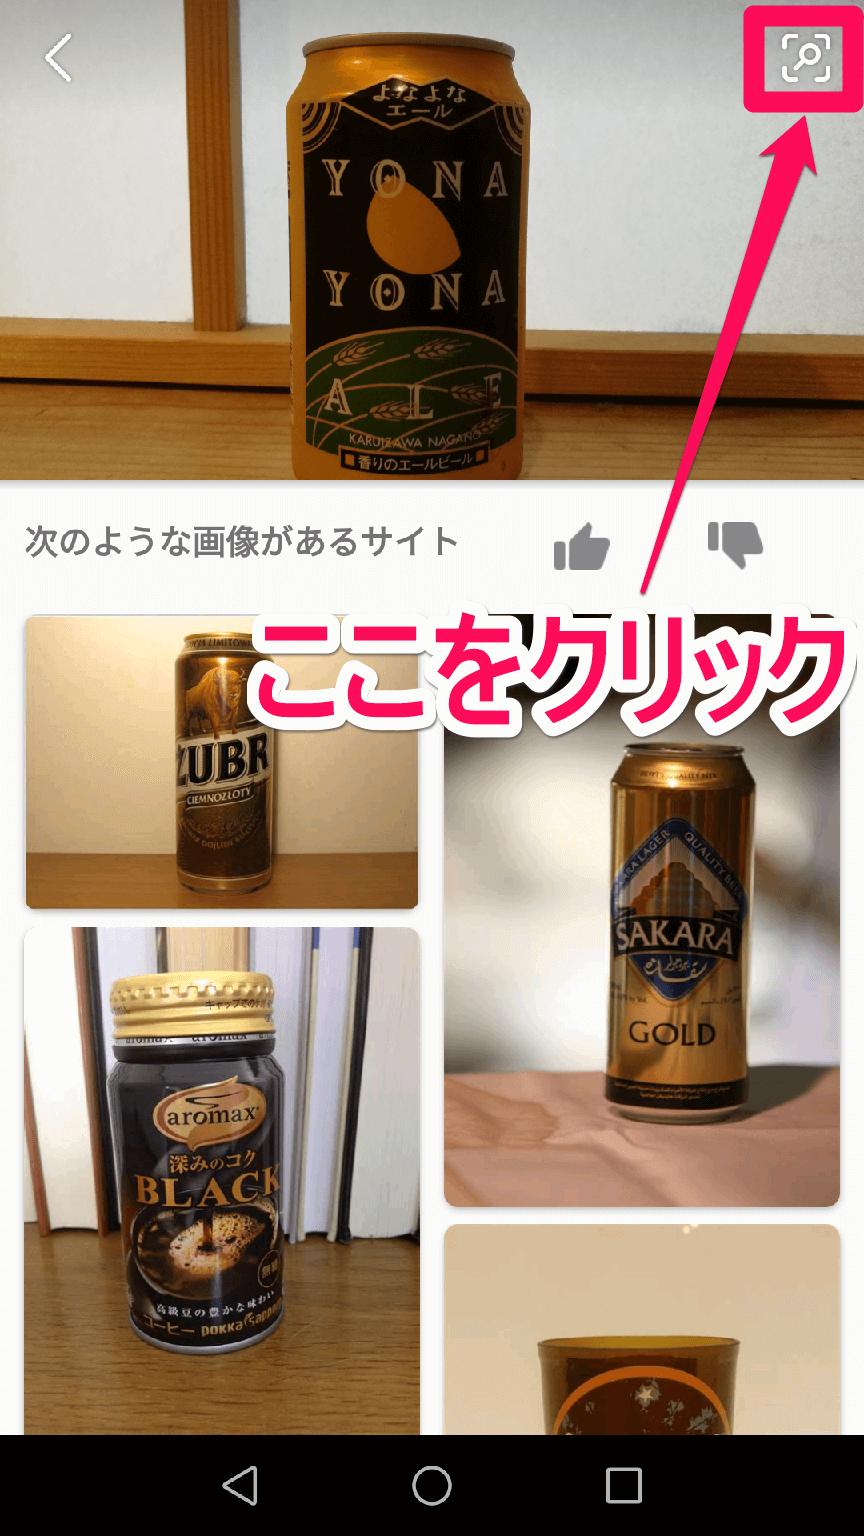 Android版(アンドロイド版)の「Bing」(ビング)アプリで画像検索の結果画面でトリミングアイコンをタップする画面